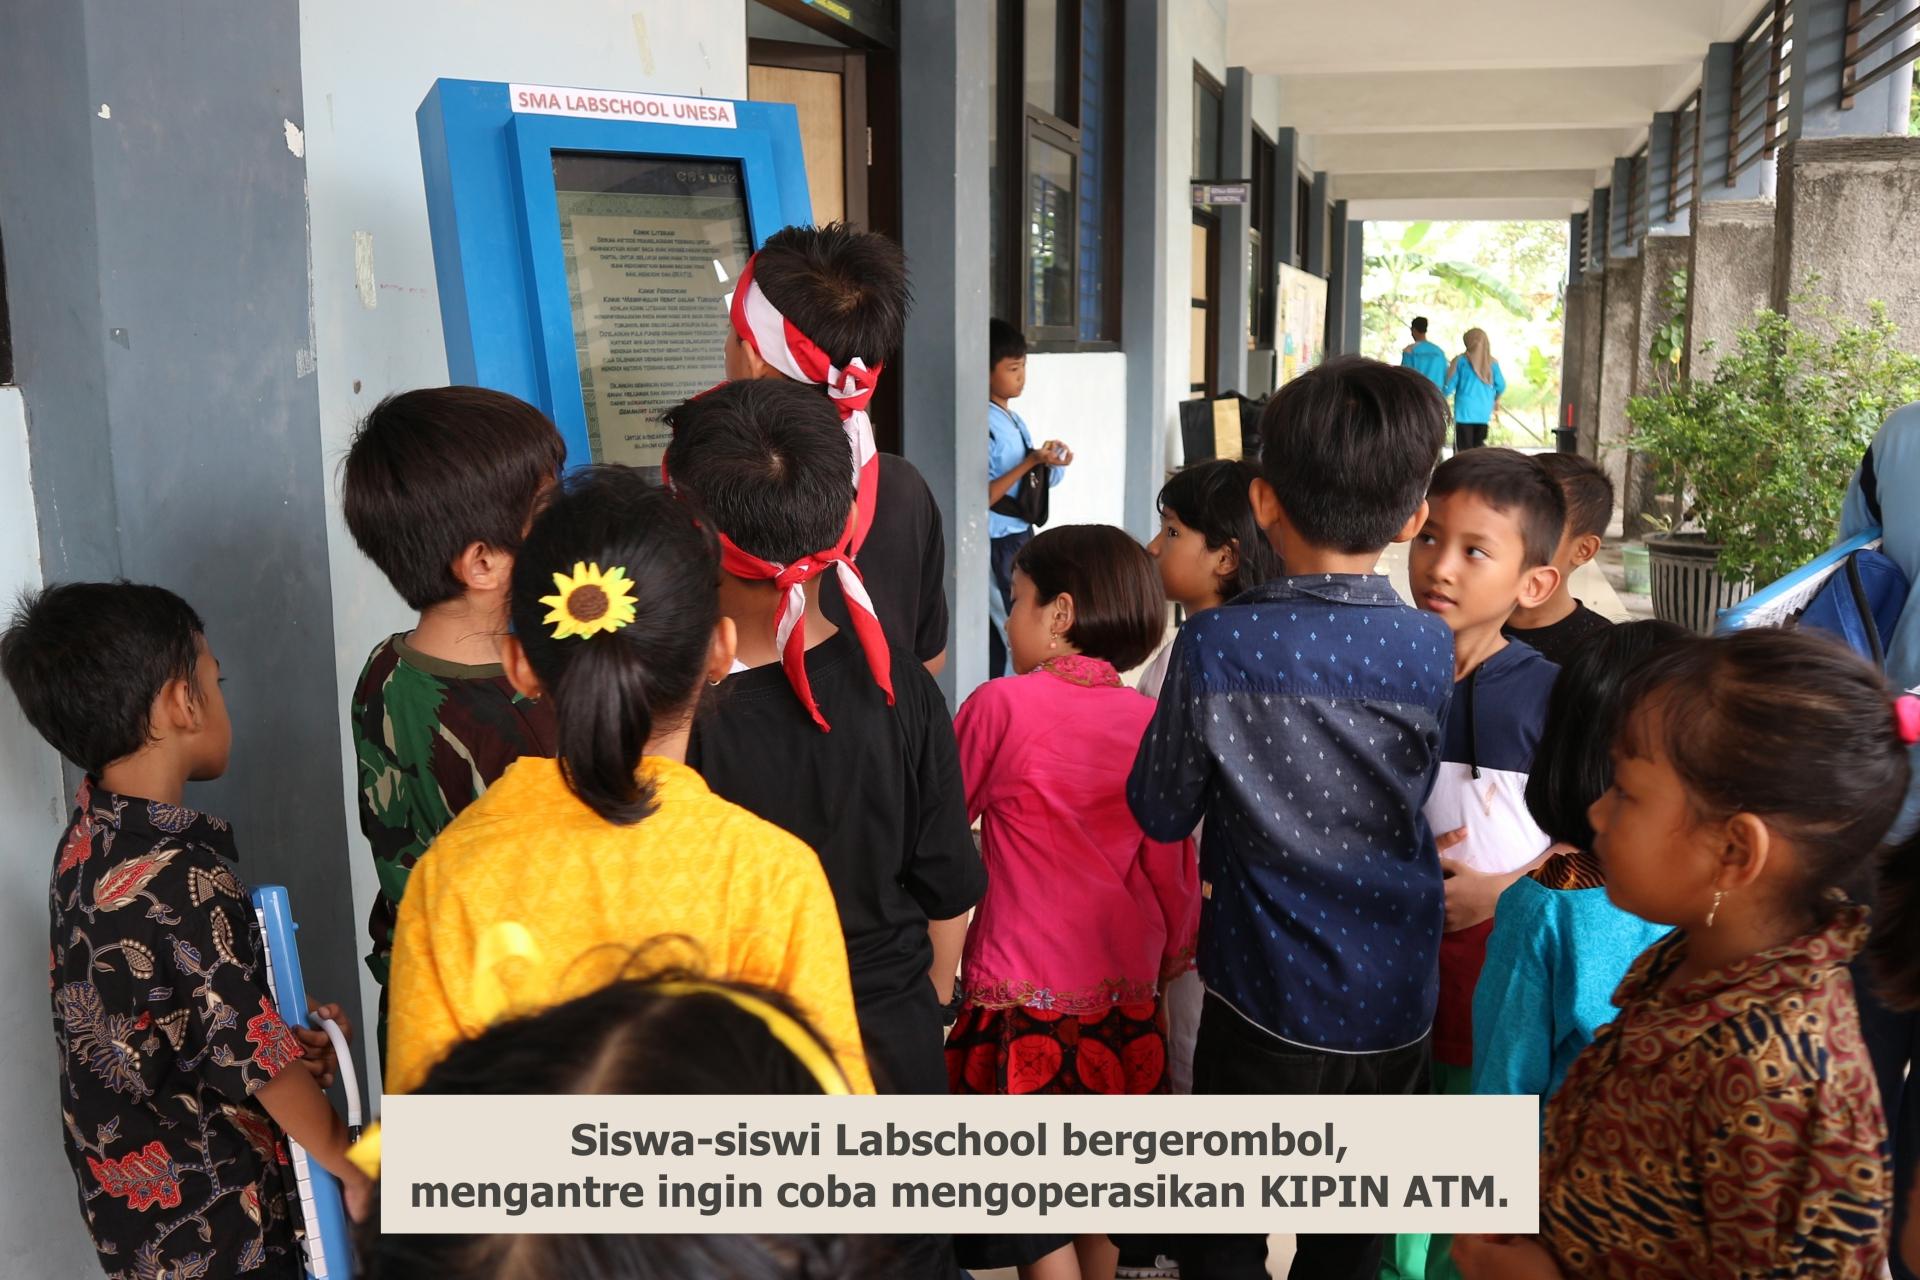 Antusiasme Siswa Belajar dengan KIPIN ATM Warnai Acara Hari Pahlawan di Labschool Surabaya